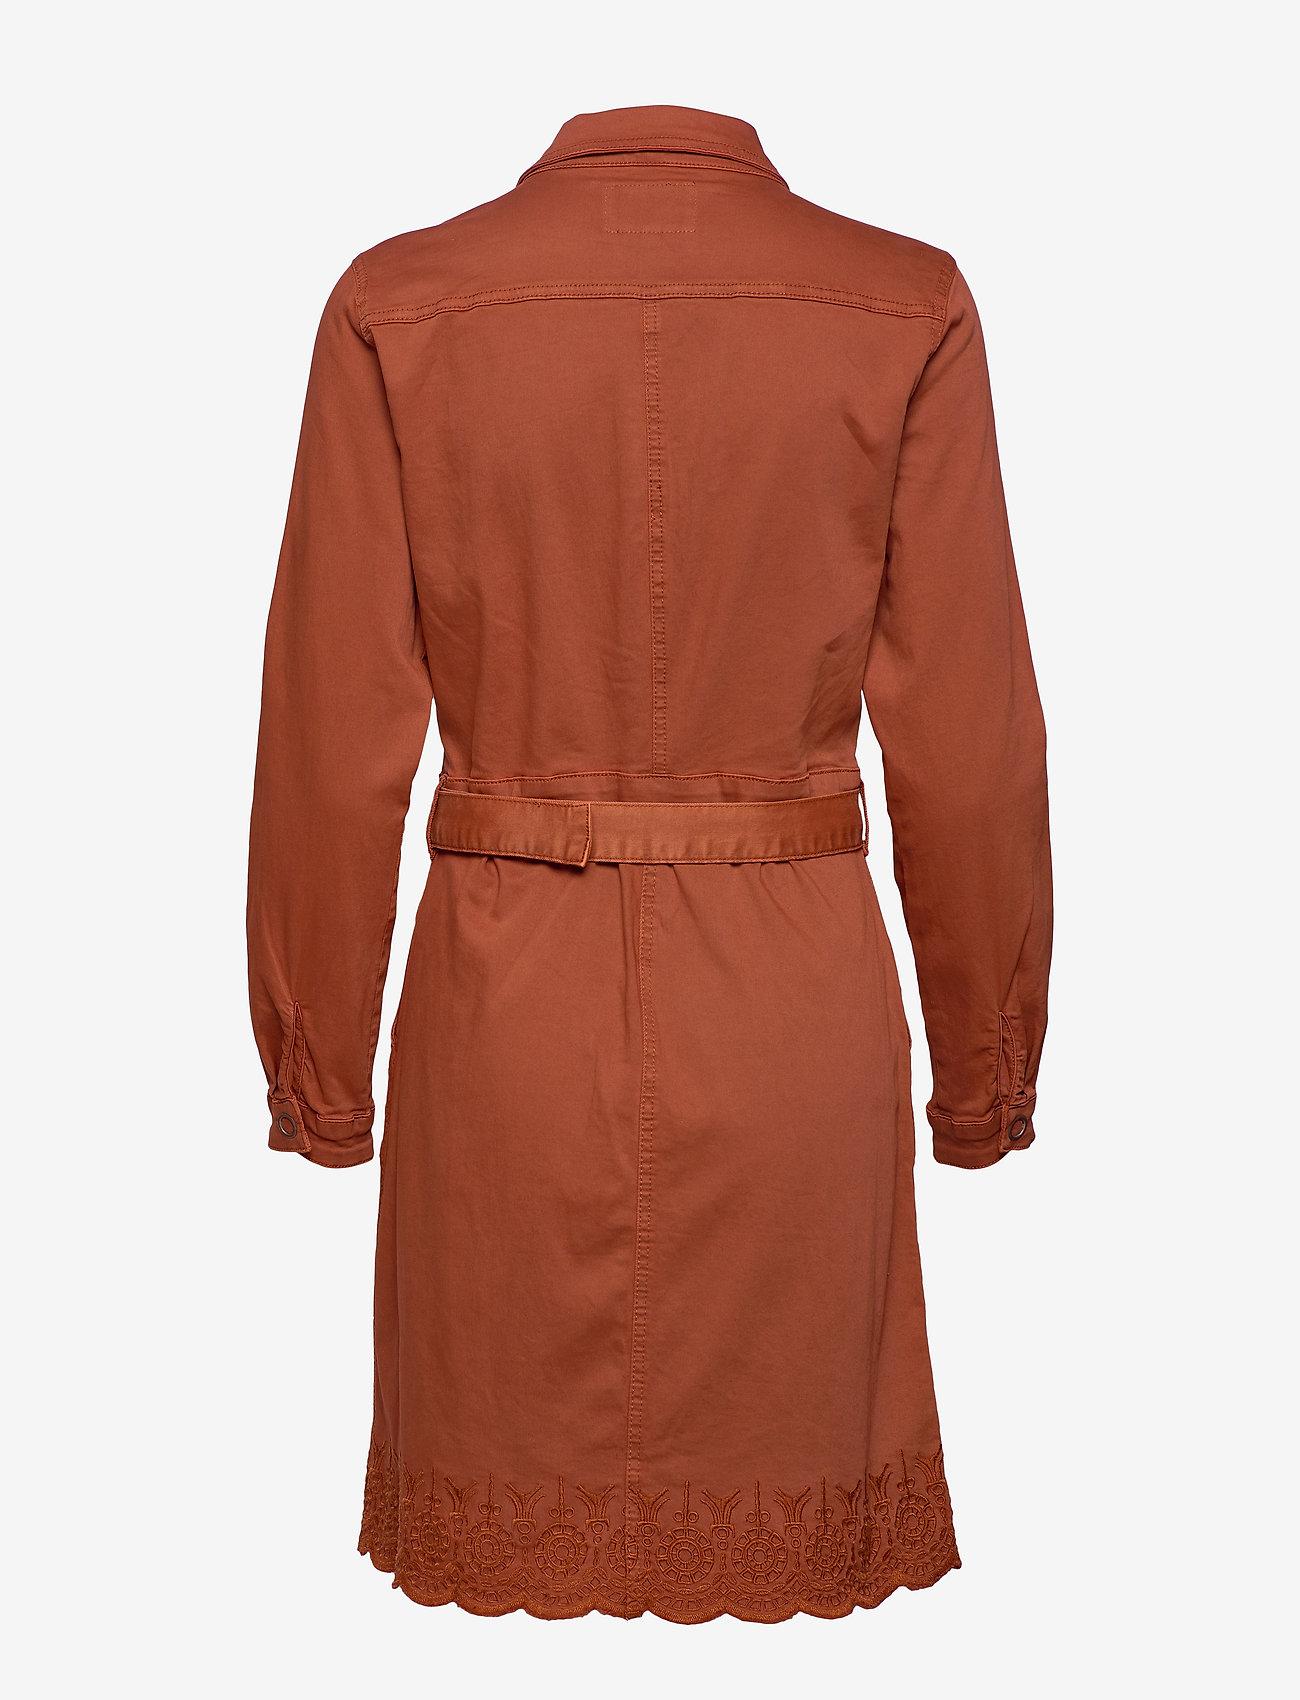 Cream StacyCR Dress - Sukienki GINGER BREAD - Kobiety Odzież.